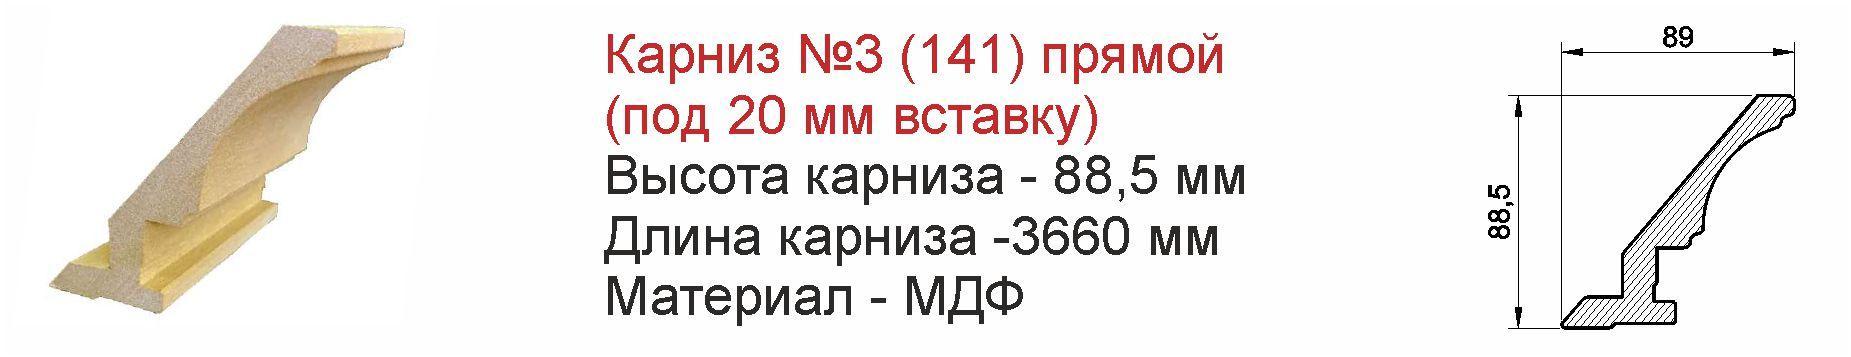 Карниз для мебели из МДФ №3 (141)